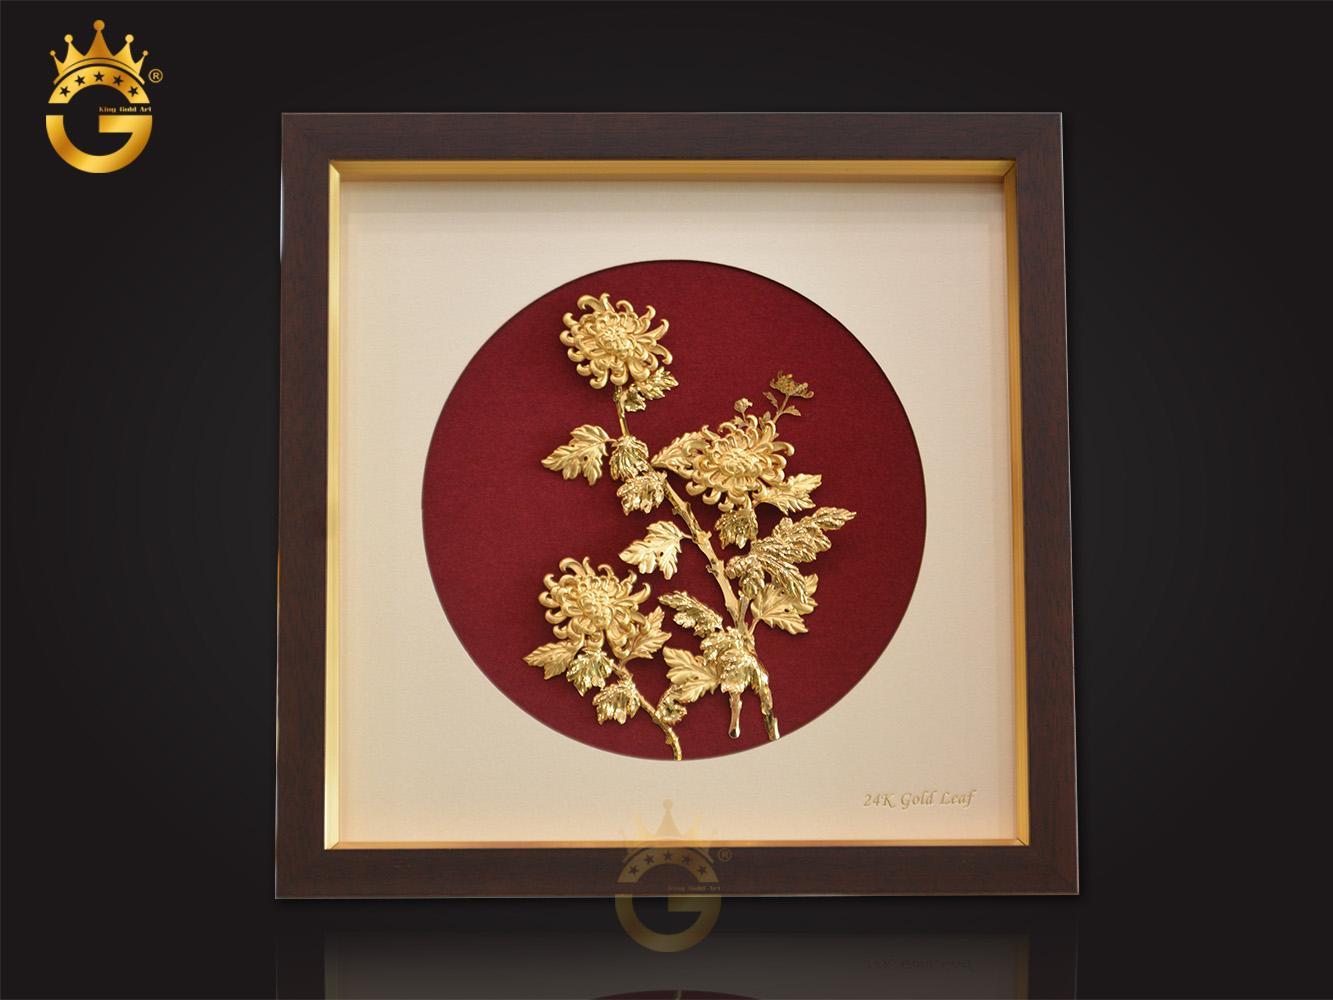 Quà tặng tranh vàng 24k cao cấp, tranh hoa cúc bằng vàng lá 24k